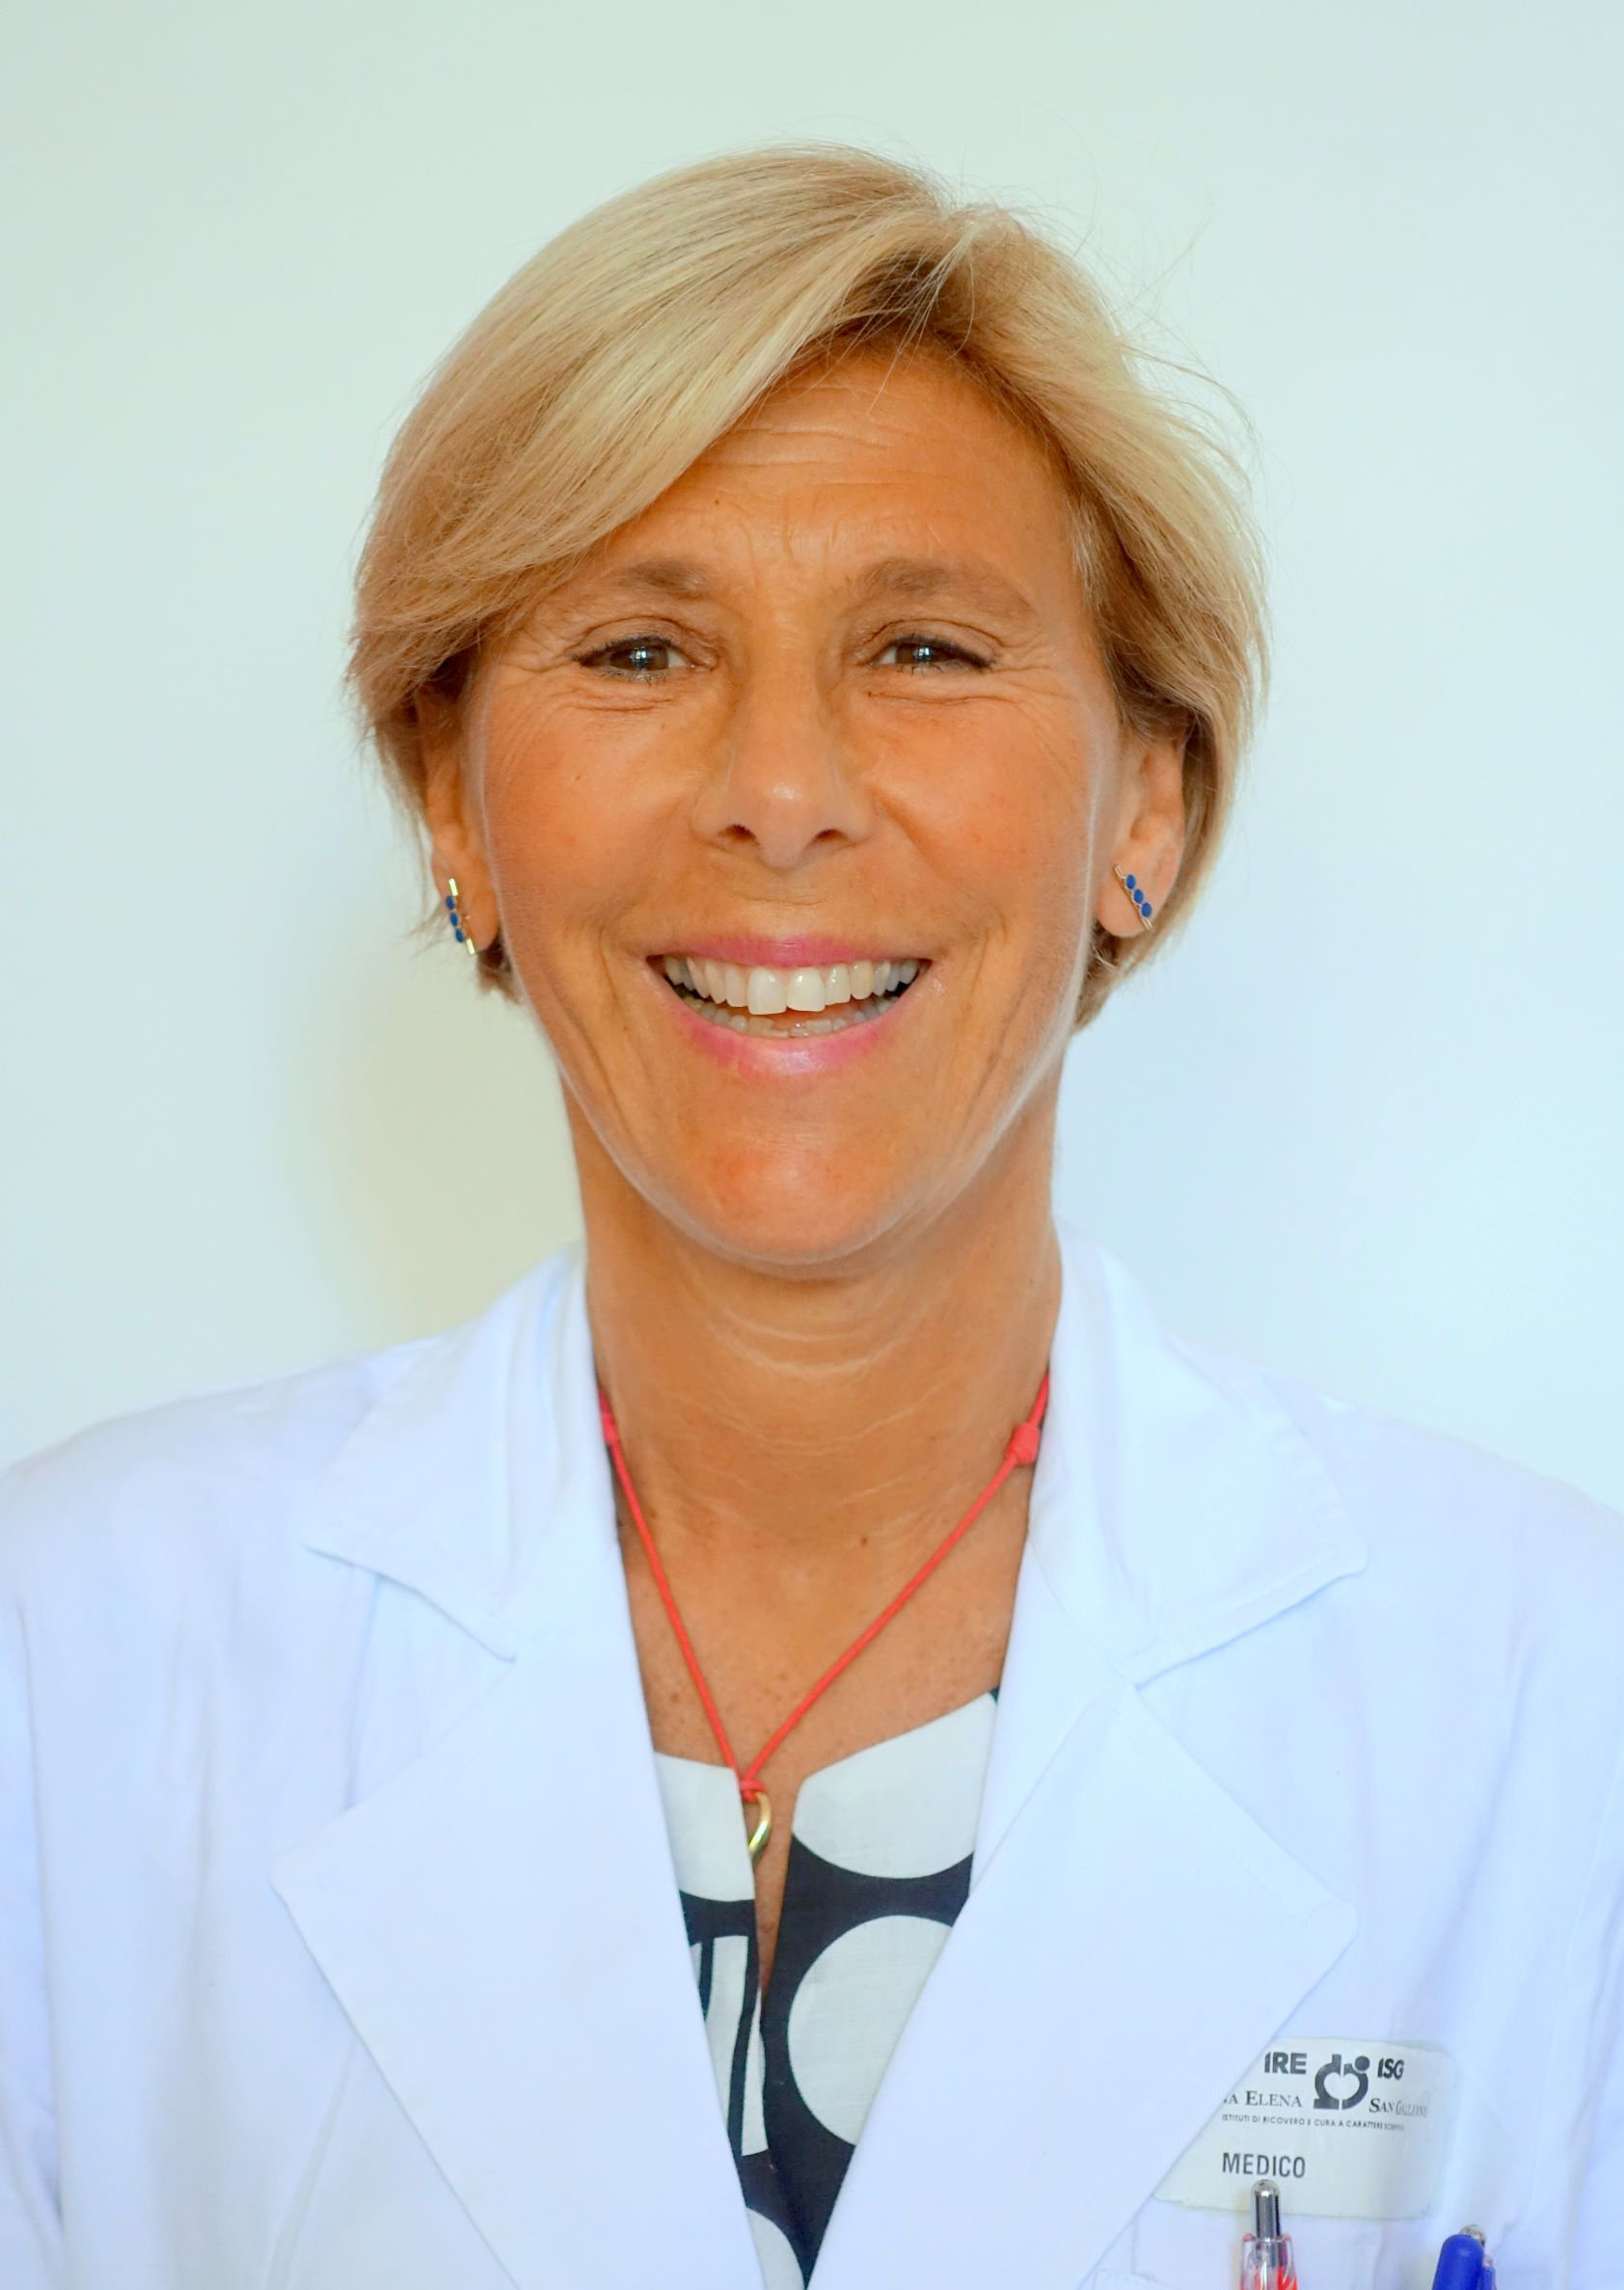 Laura Eibenschutz